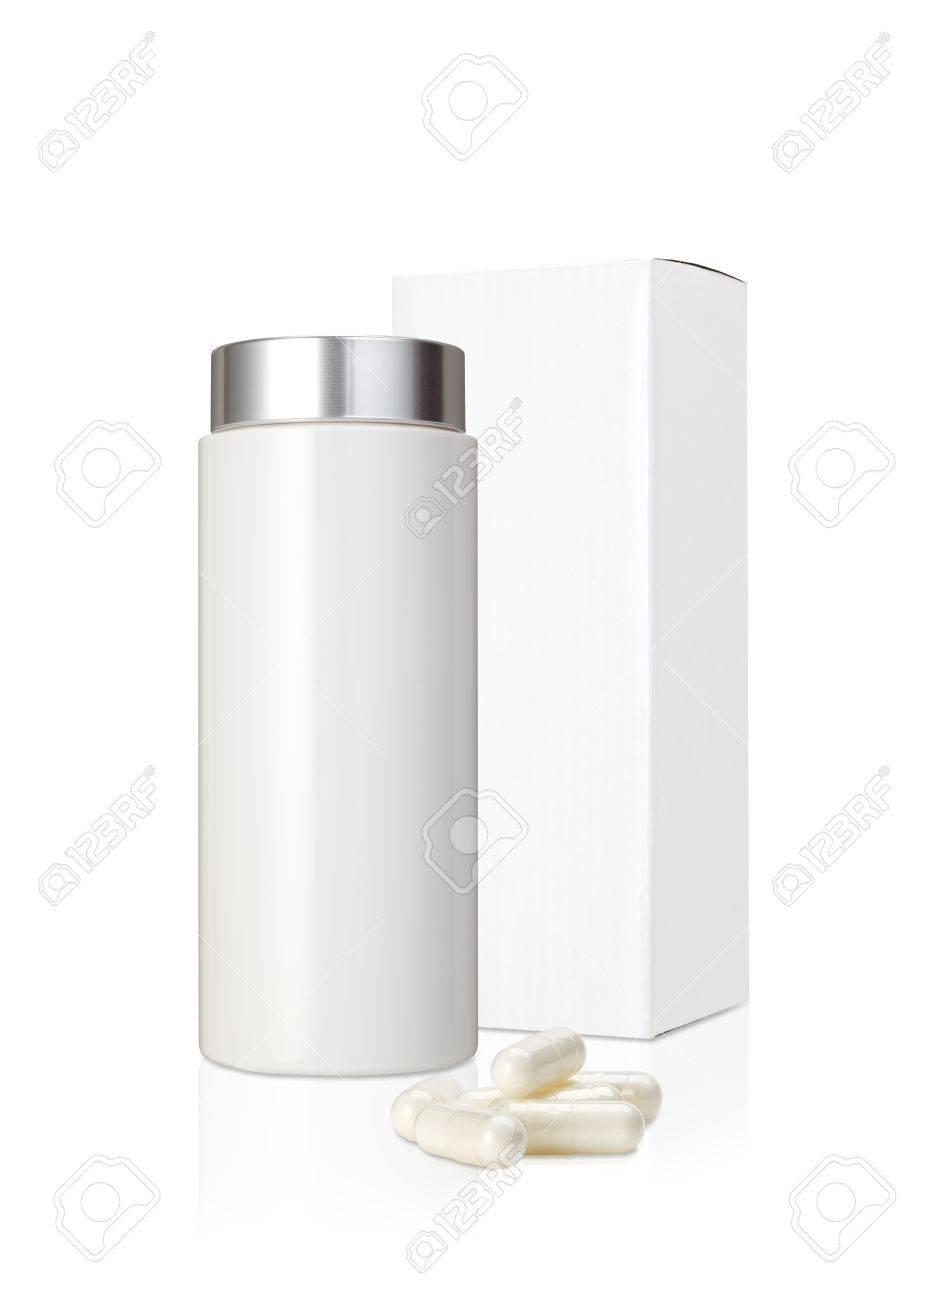 Bemerkenswert Mypaketkasten Das Beste Von Leere Weiße Plastikmedizinflasche Und Paketkasten Und -pillen